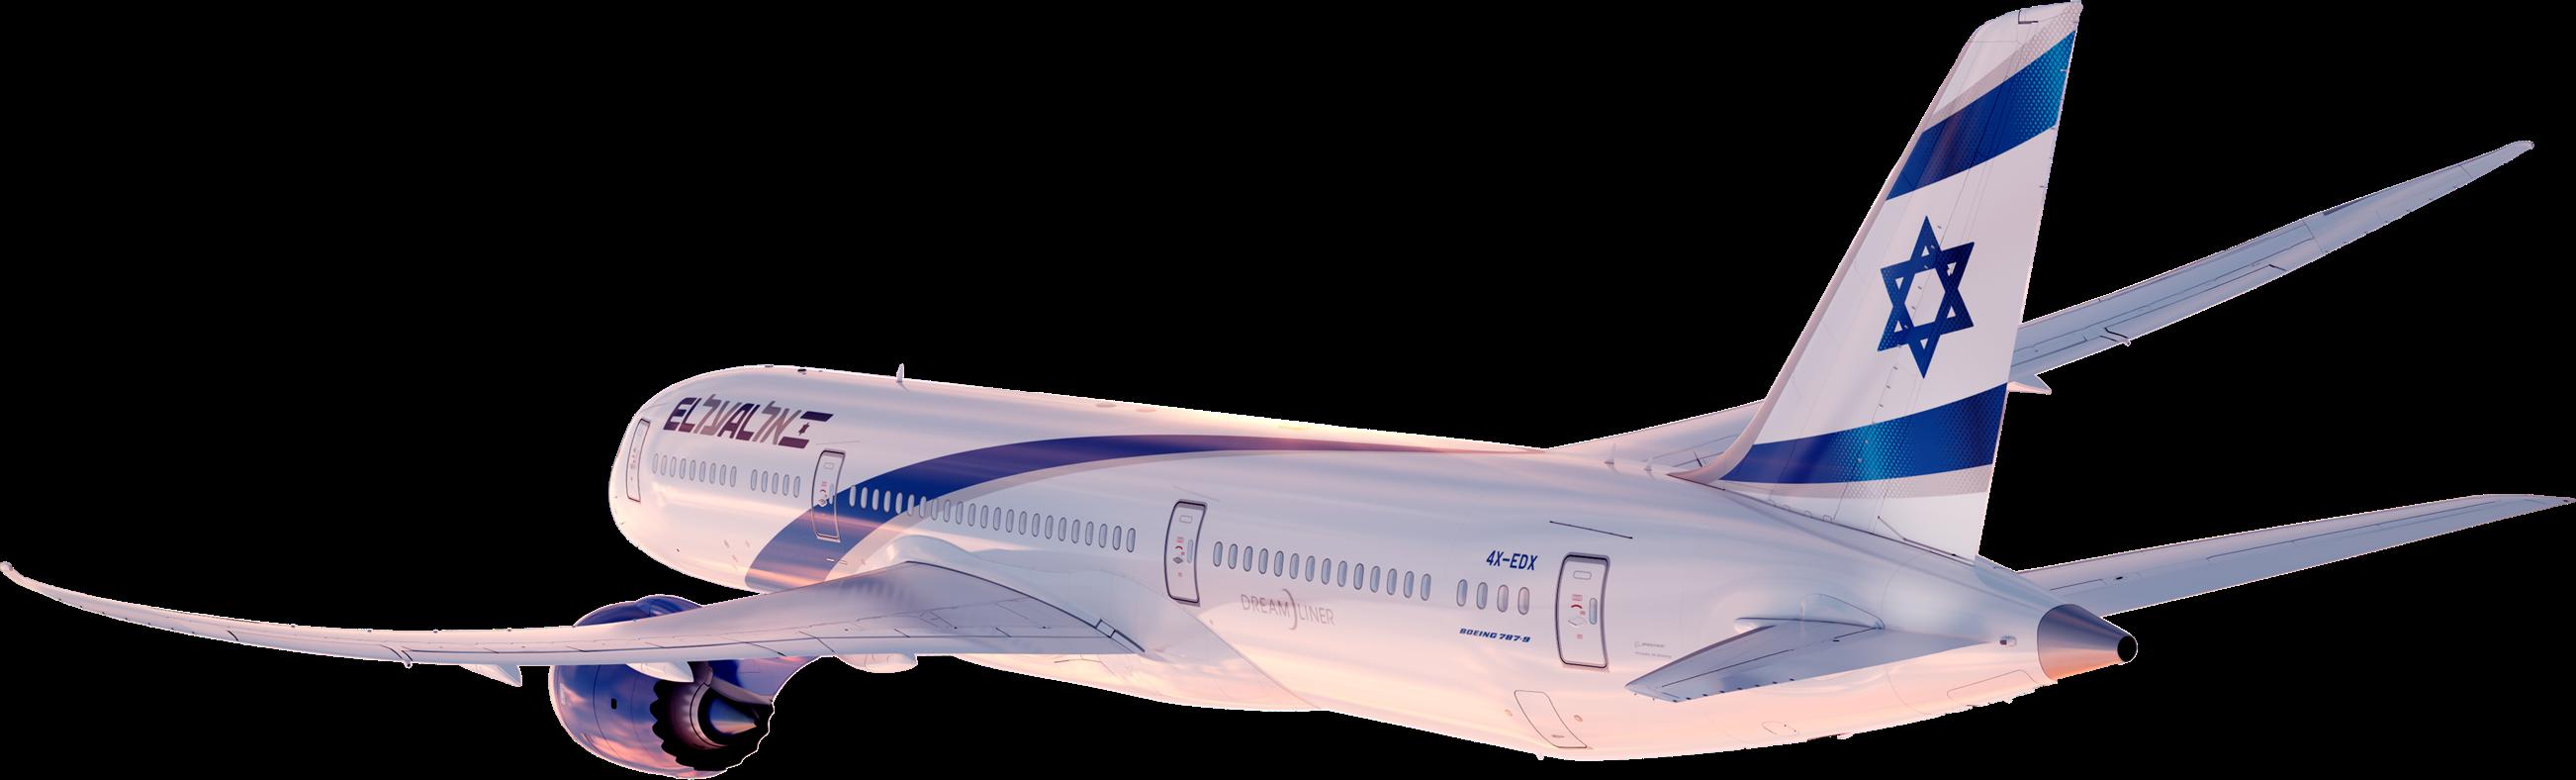 plane-web - Air Plane PNG HD